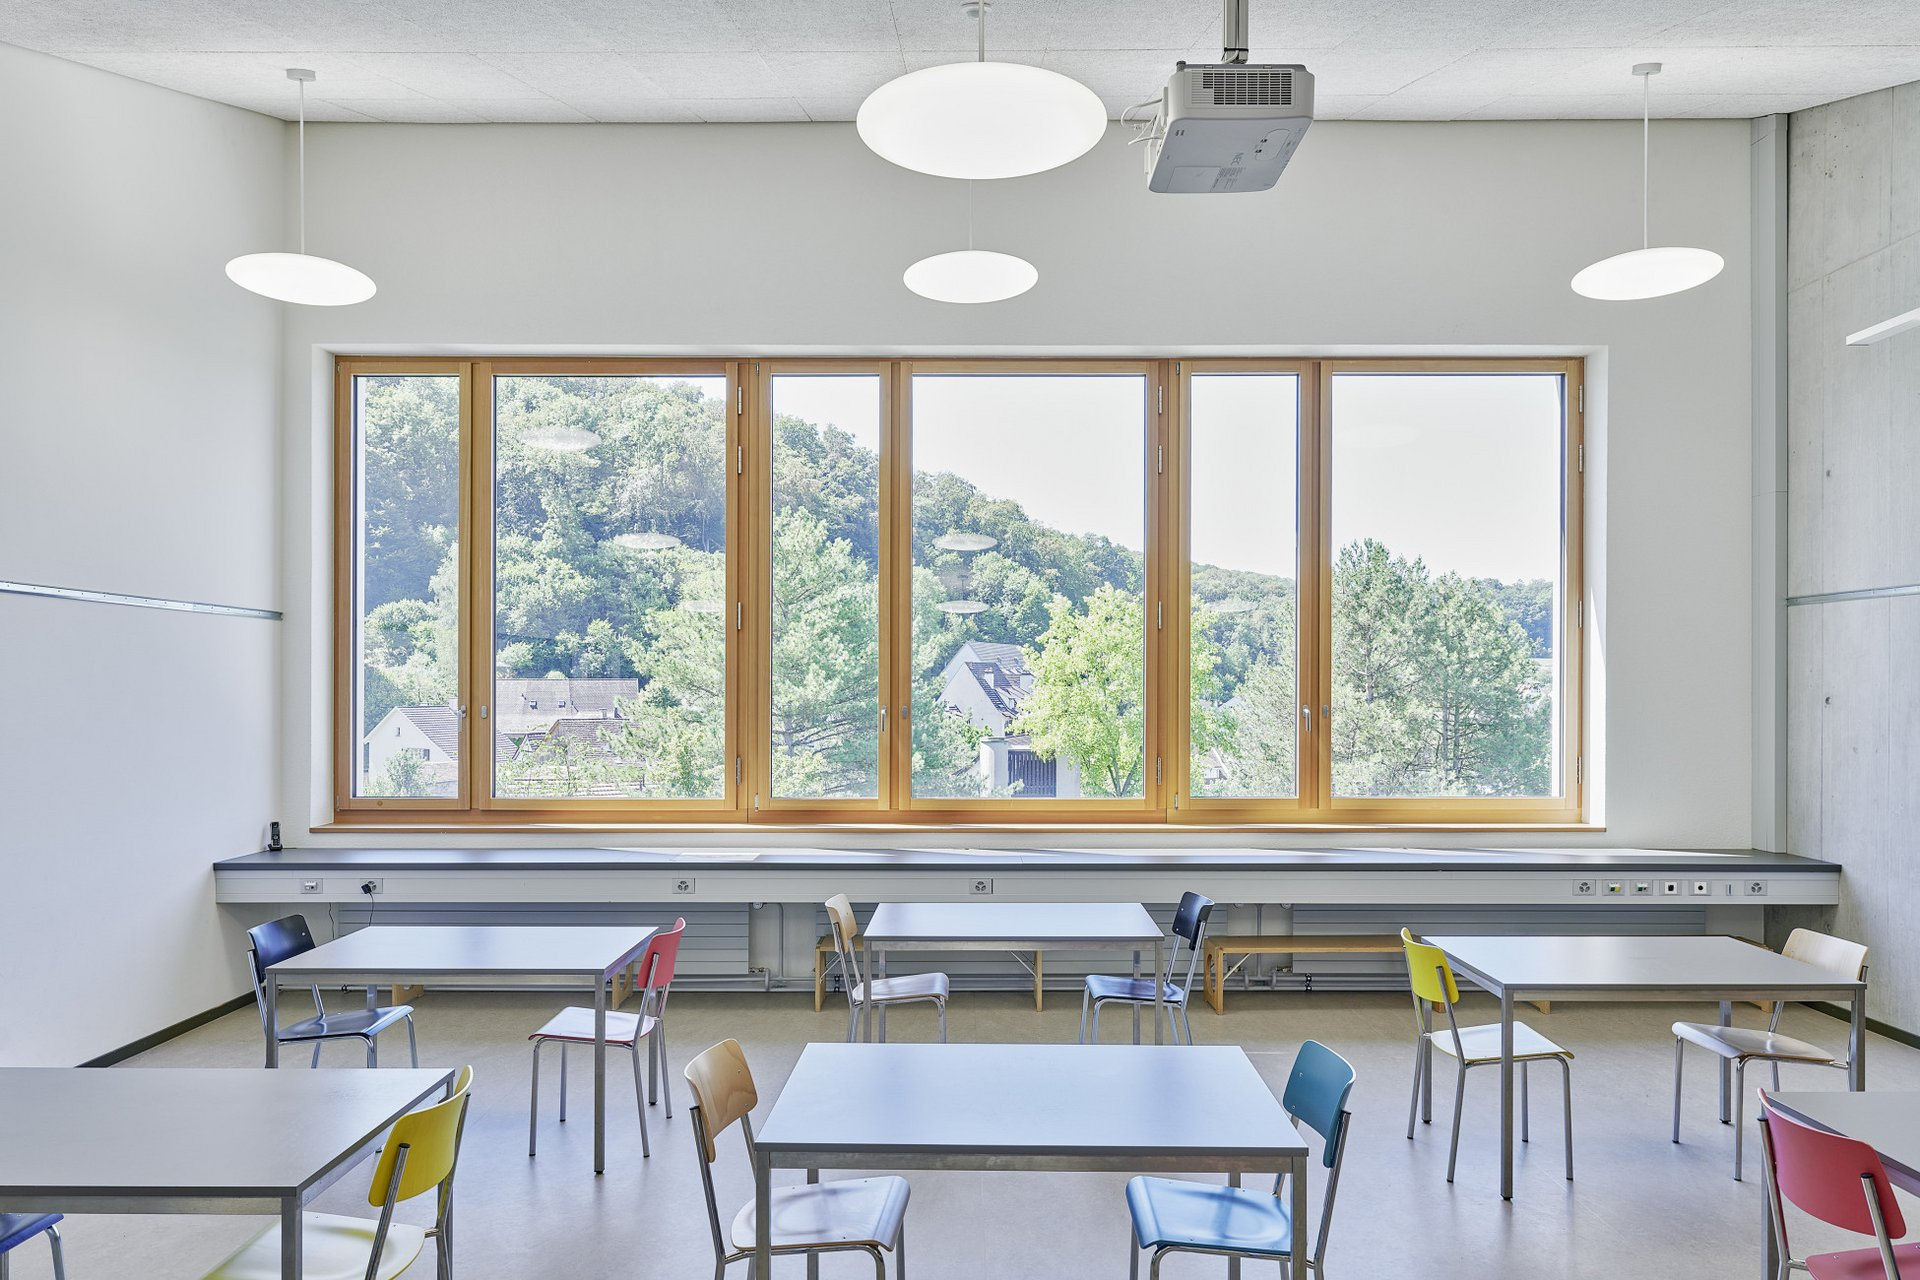 Innenraum eines modernen Schulzimmers mit grauen Tischen und farbigen Stühlen